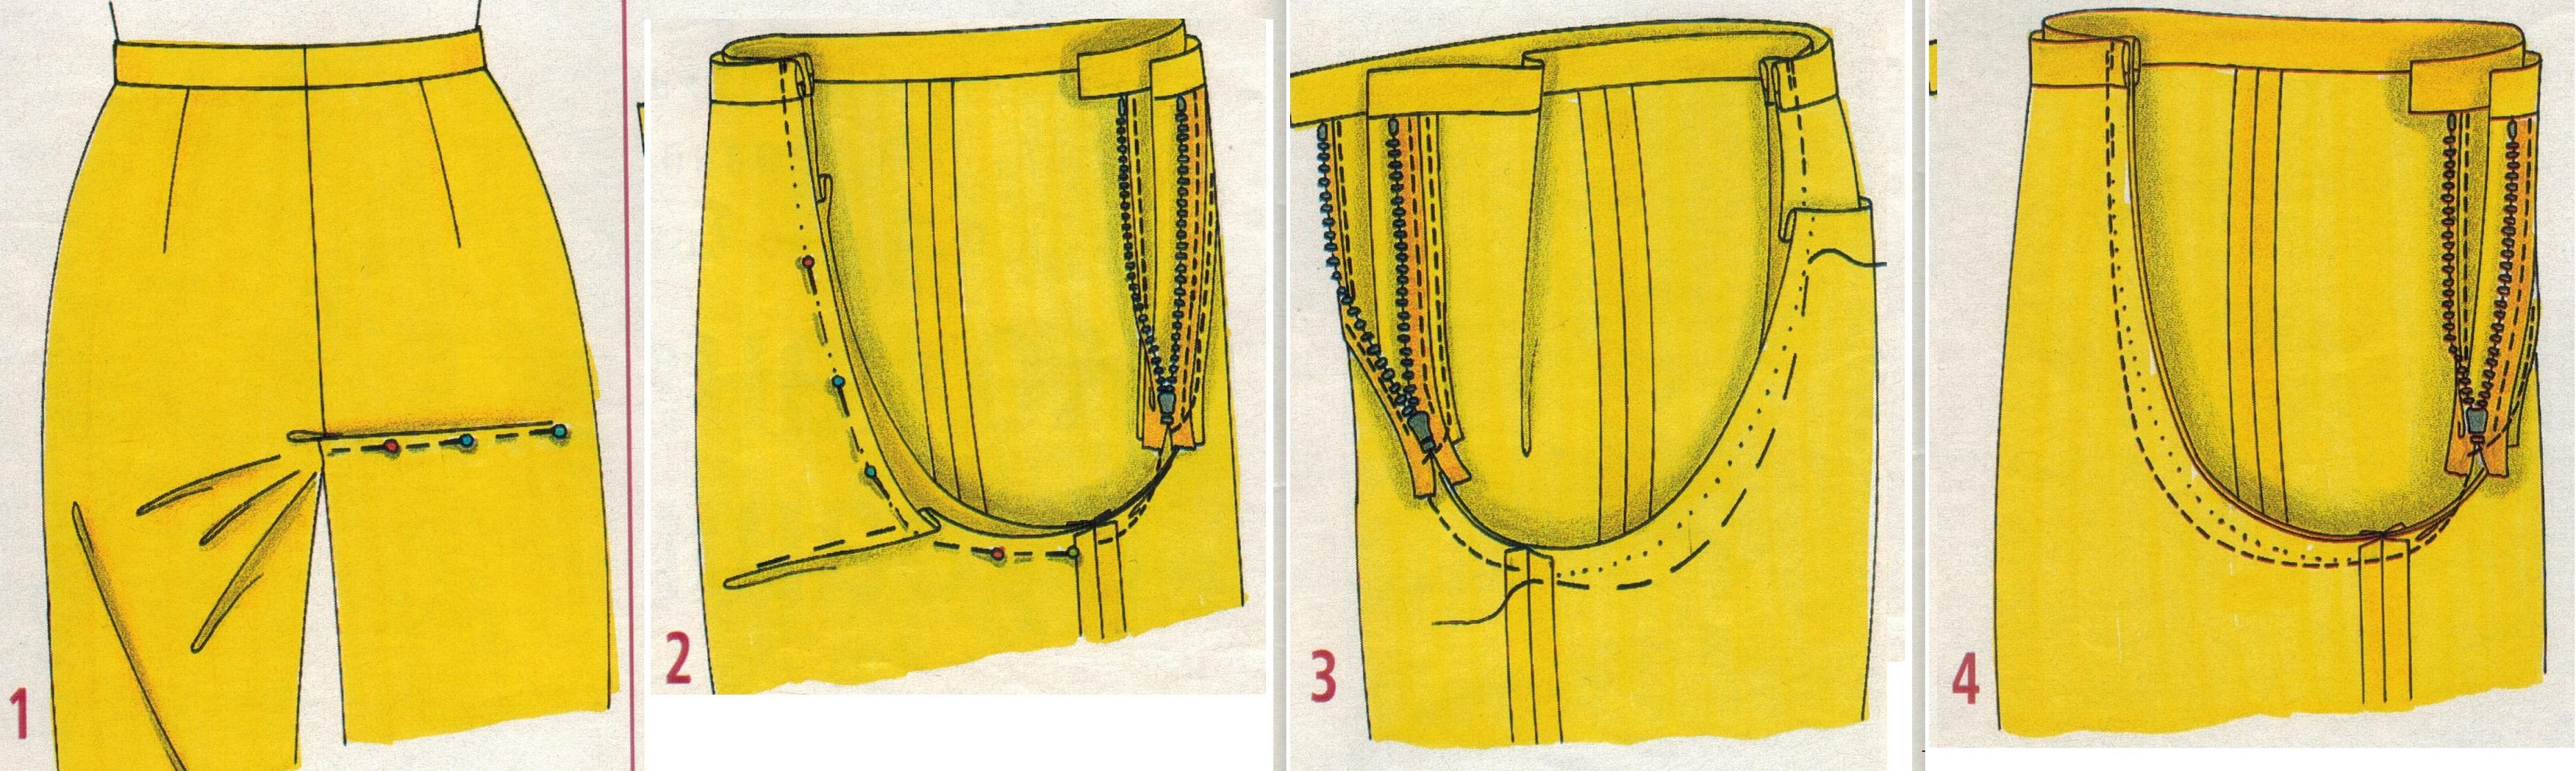 Женские летние платья большого размера Лонда-4